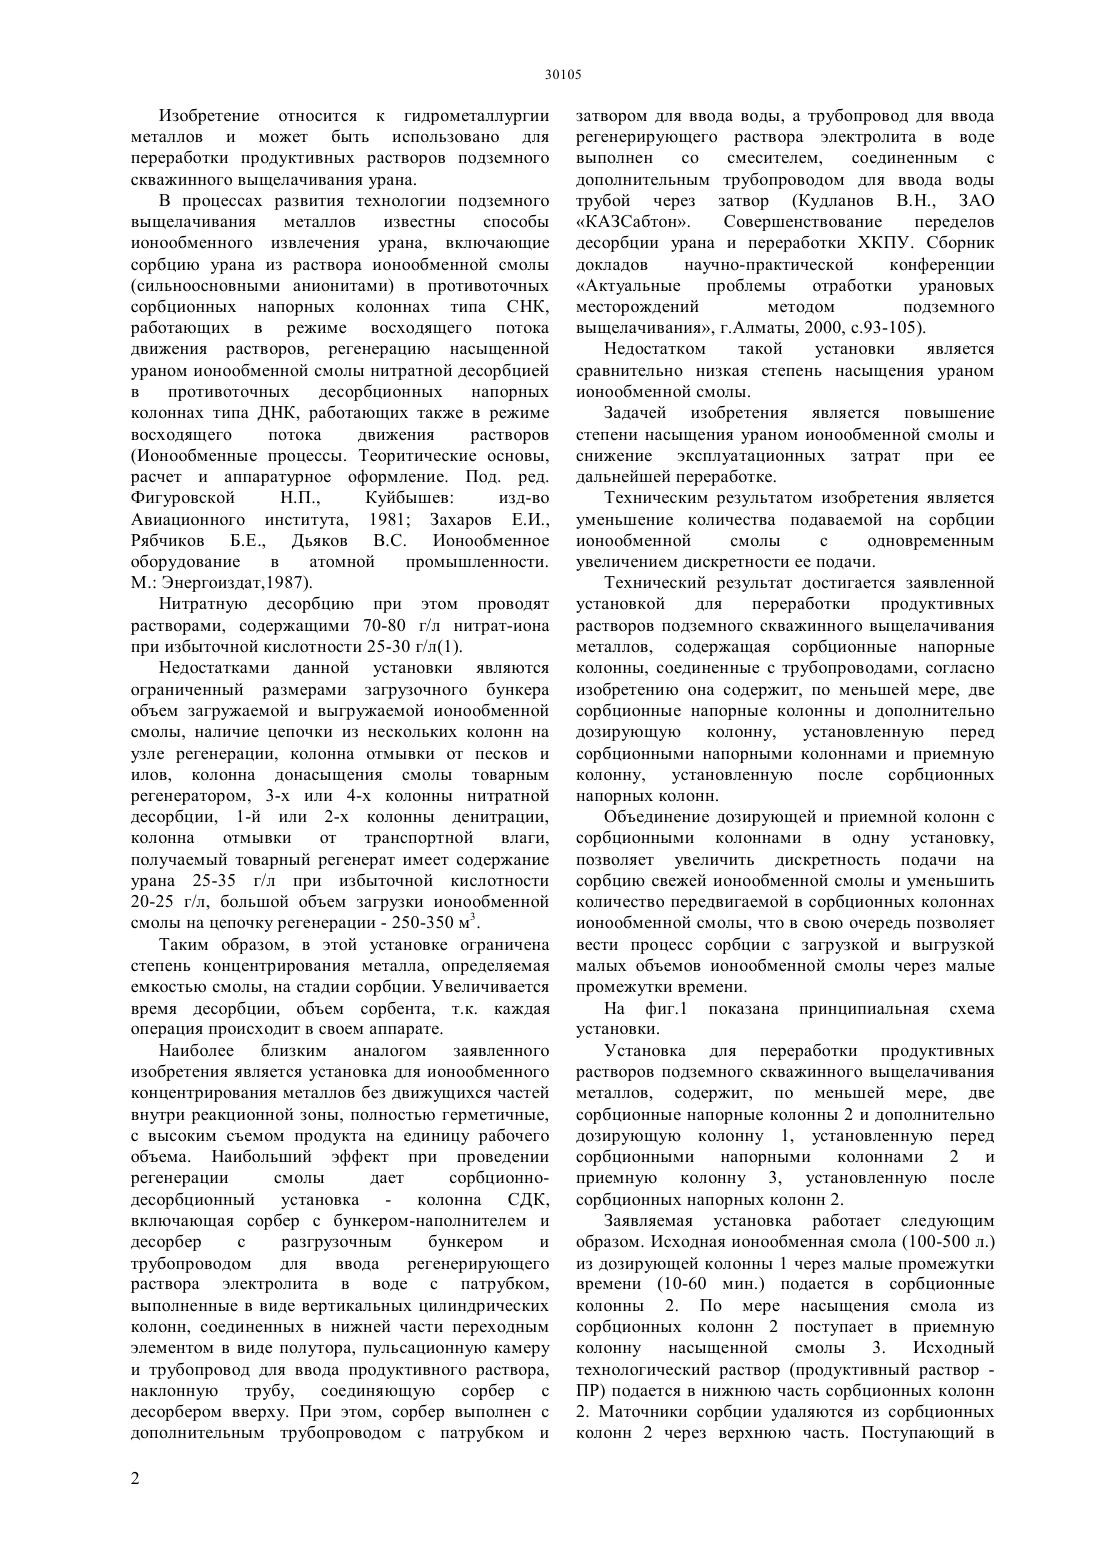 Диплом чертж колонна сорбционная напорная снк 3